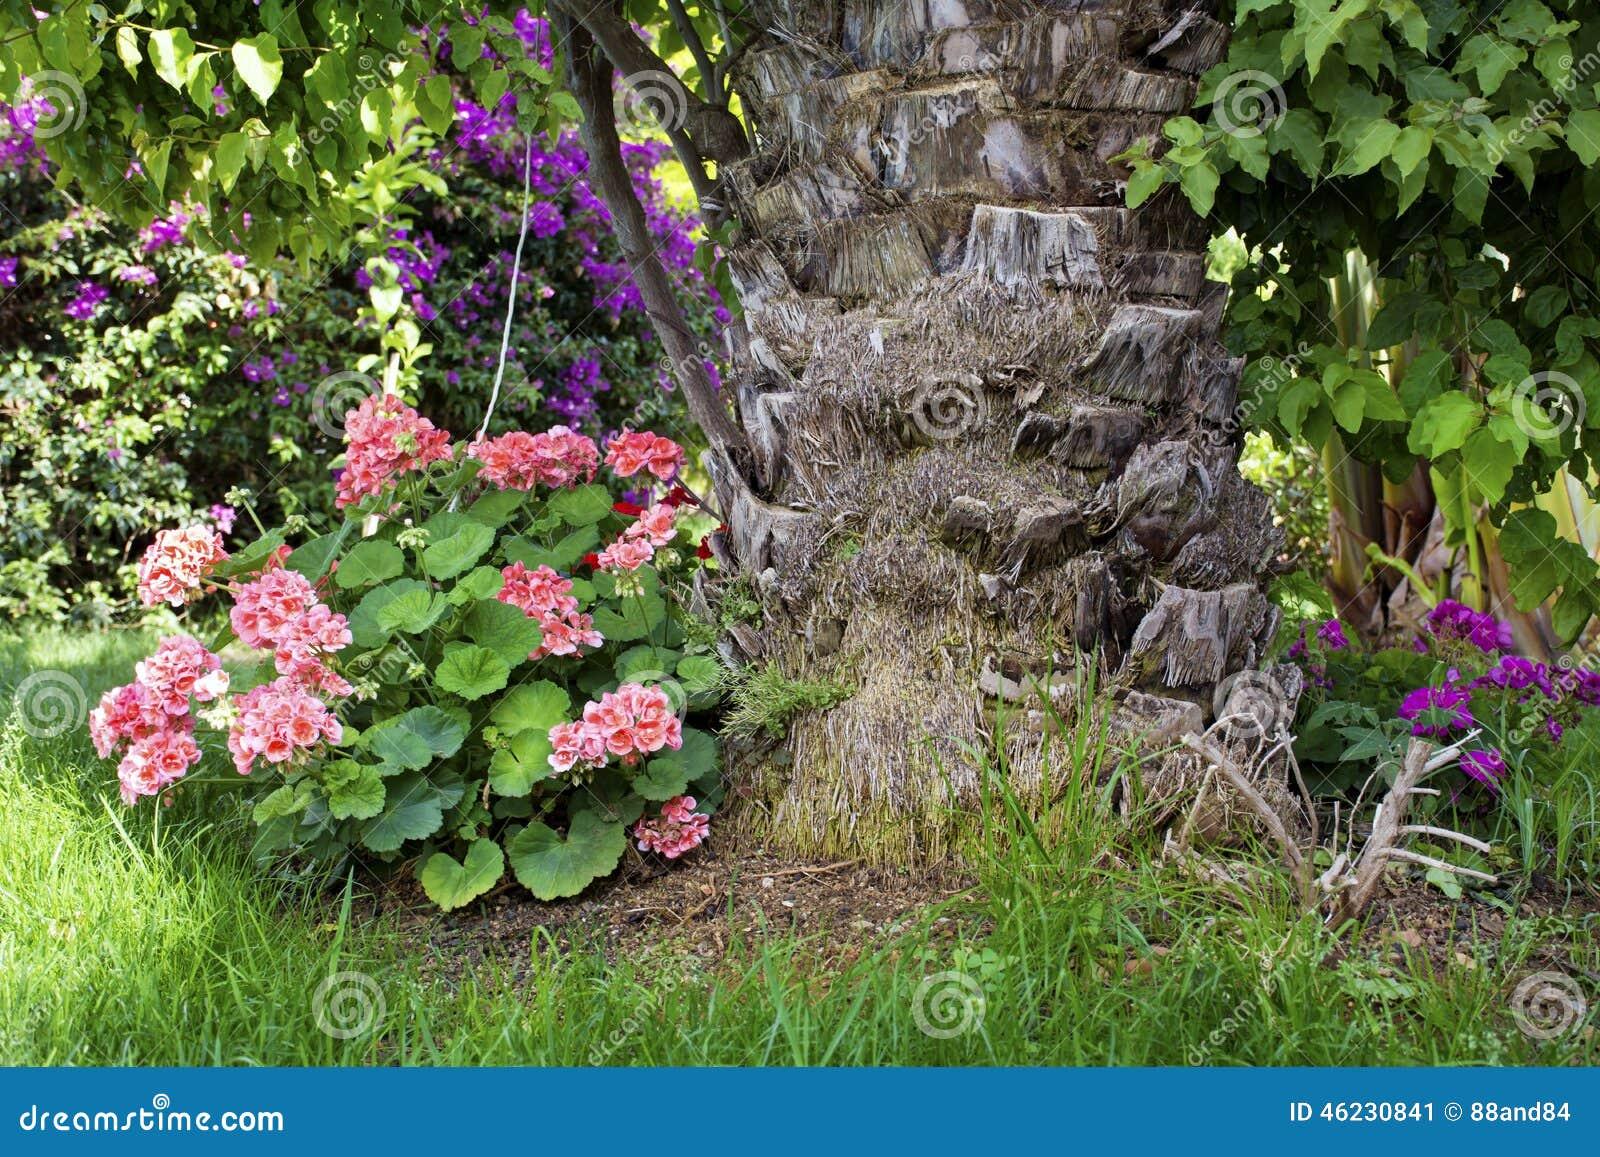 Fleurs roses de g ranium dans un jardin tropical image for Fleurs dans un jardin